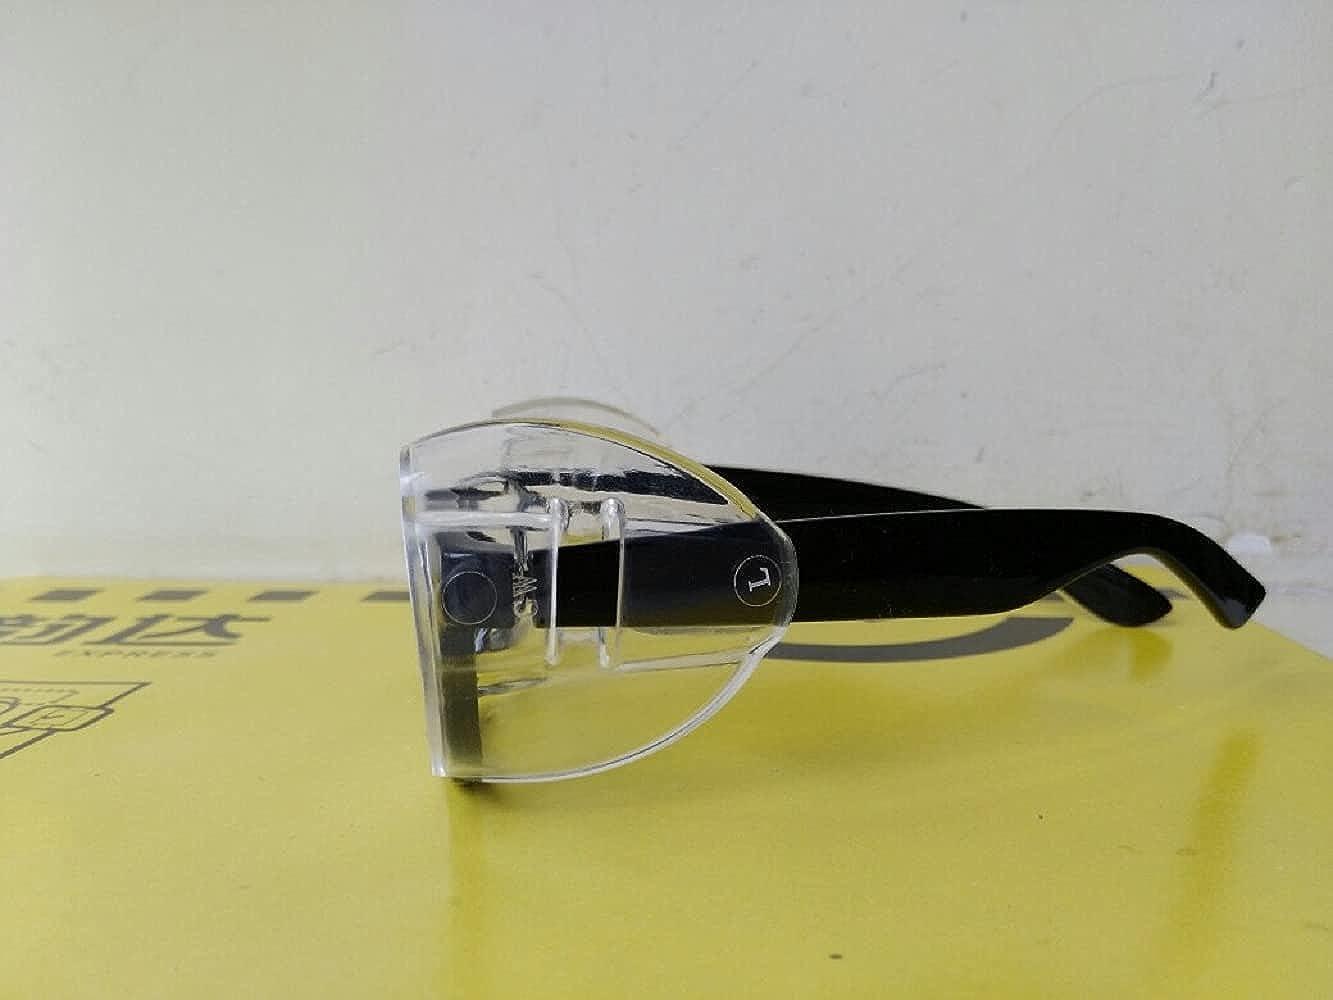 Regular dealer Safety Eye Glasses Side Max 44% OFF Slip-On Shields Sideshields for